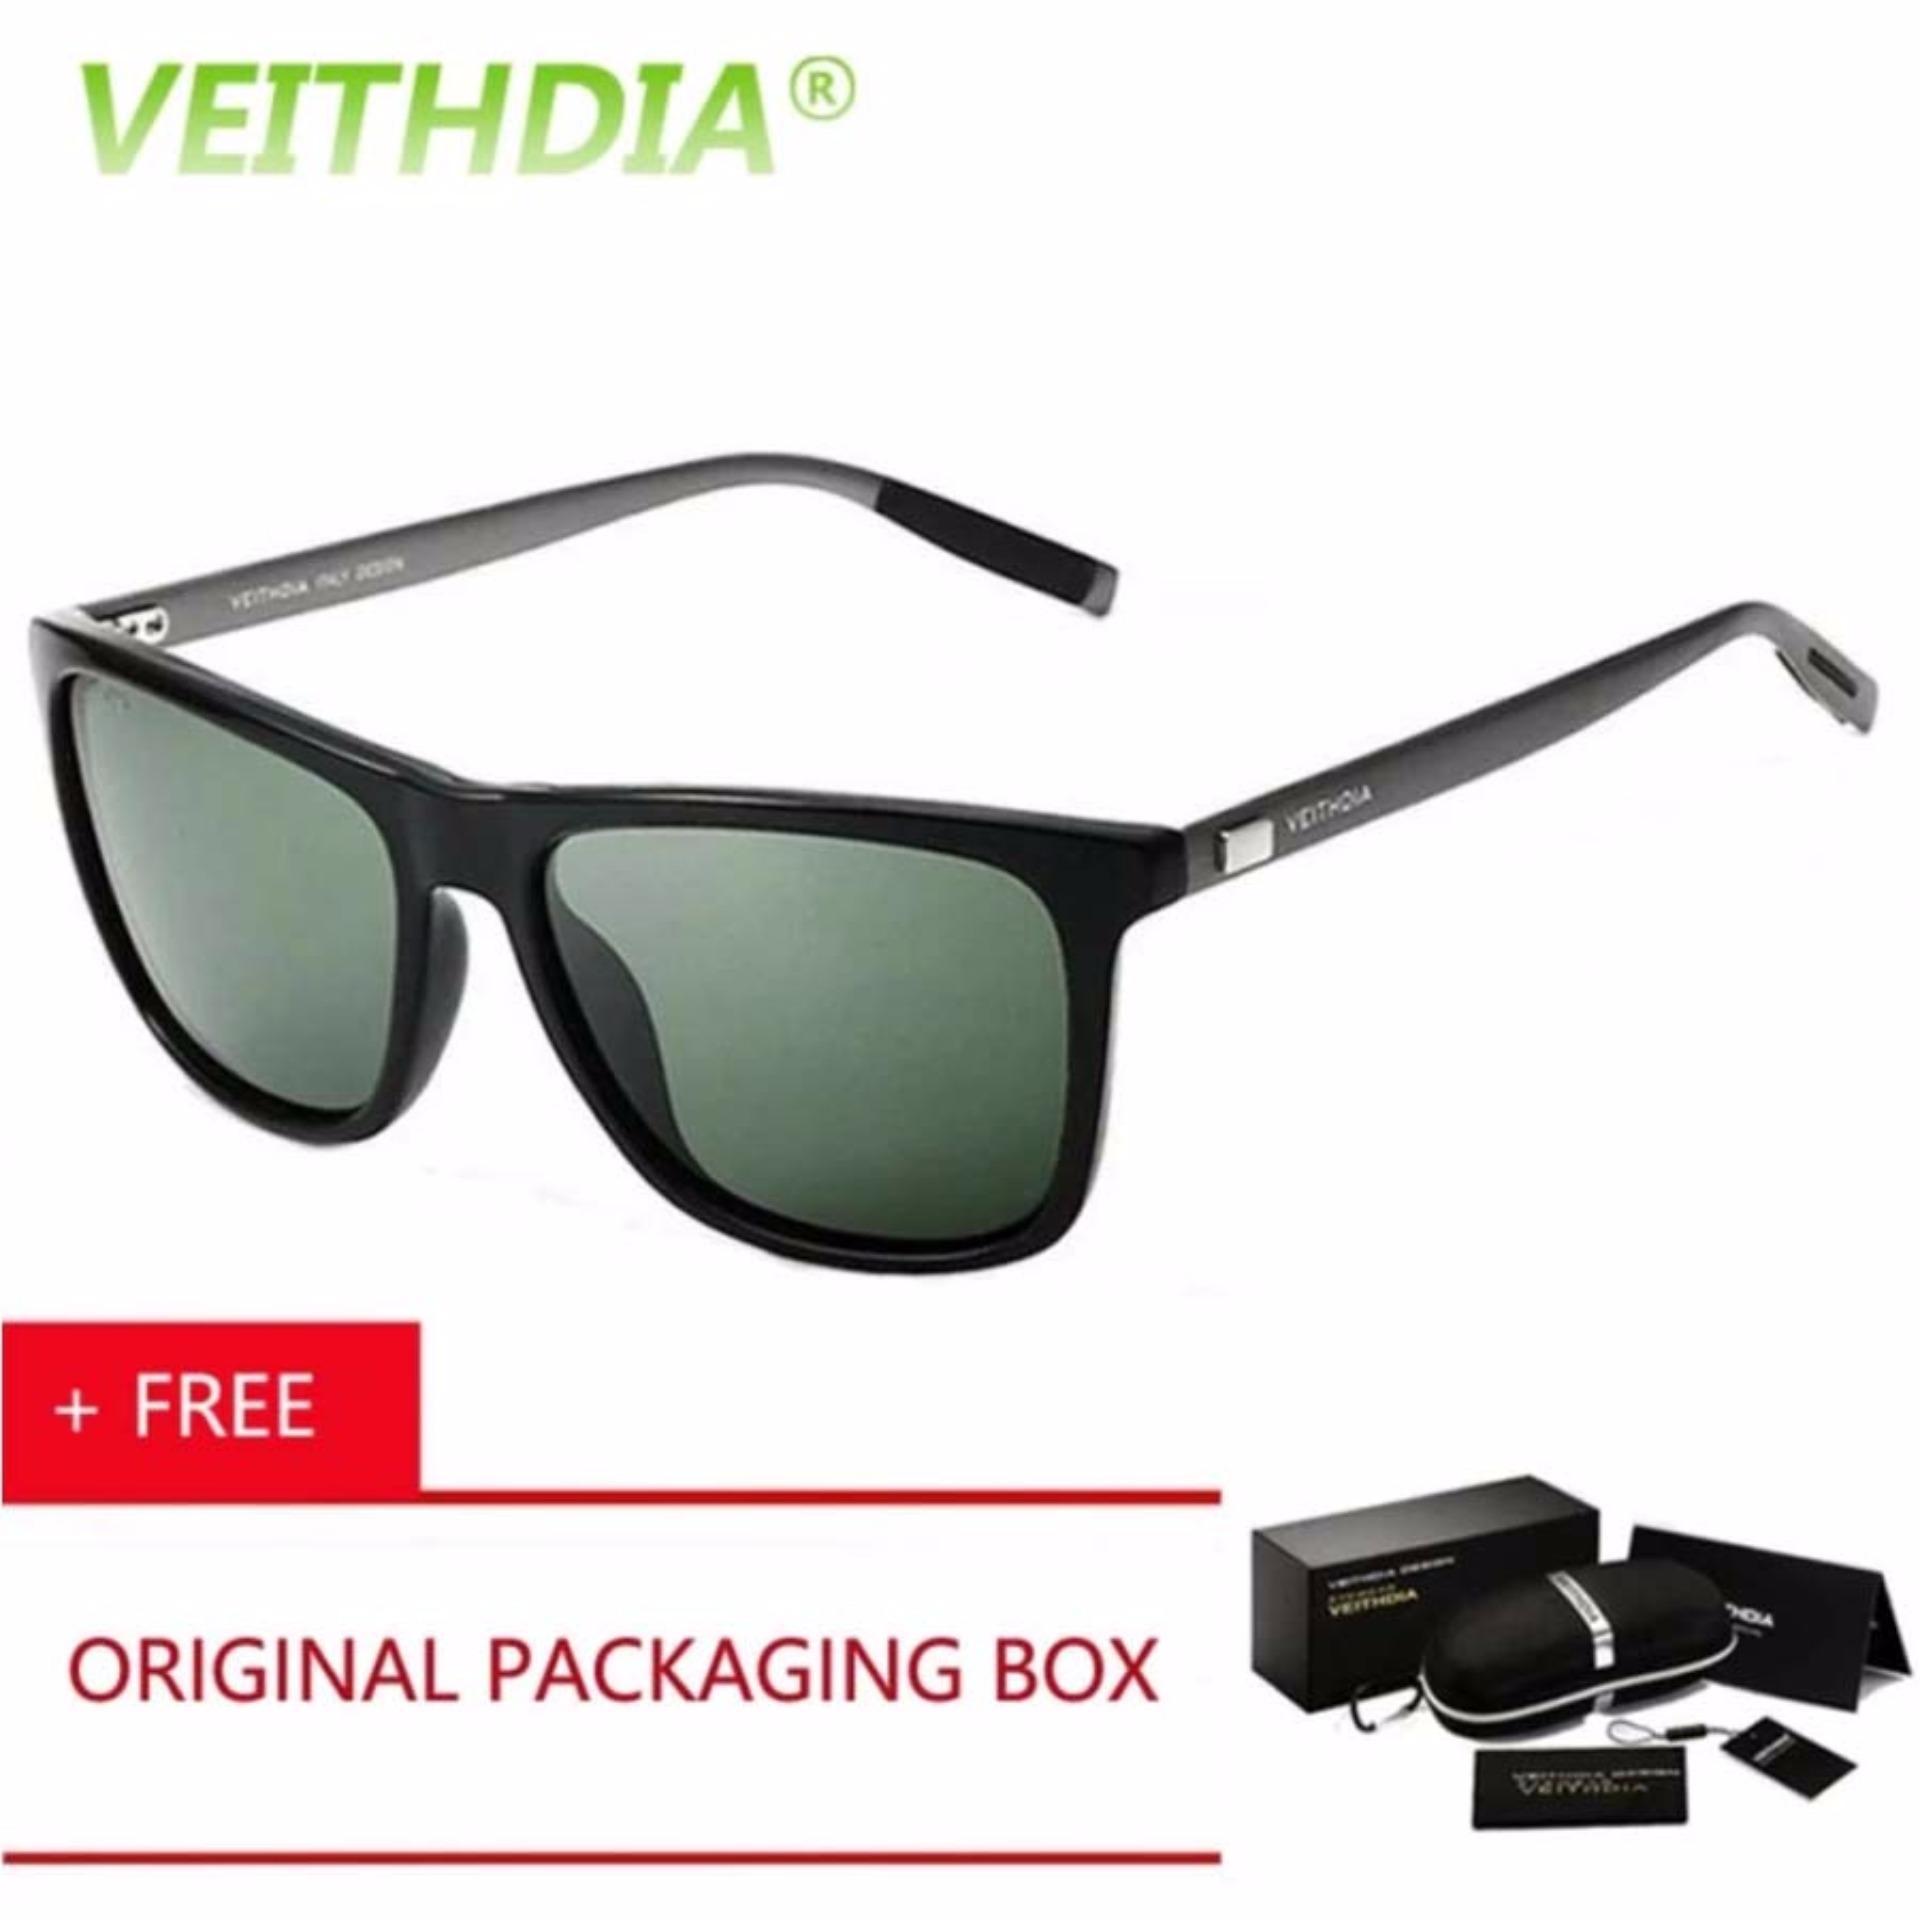 Jual Beli Veithdia Kacamata Hitam Aluminium Sport Dan Travel Elegant Mirrored Uv400 Polarized Sunglasses 6108 Di Jawa Barat